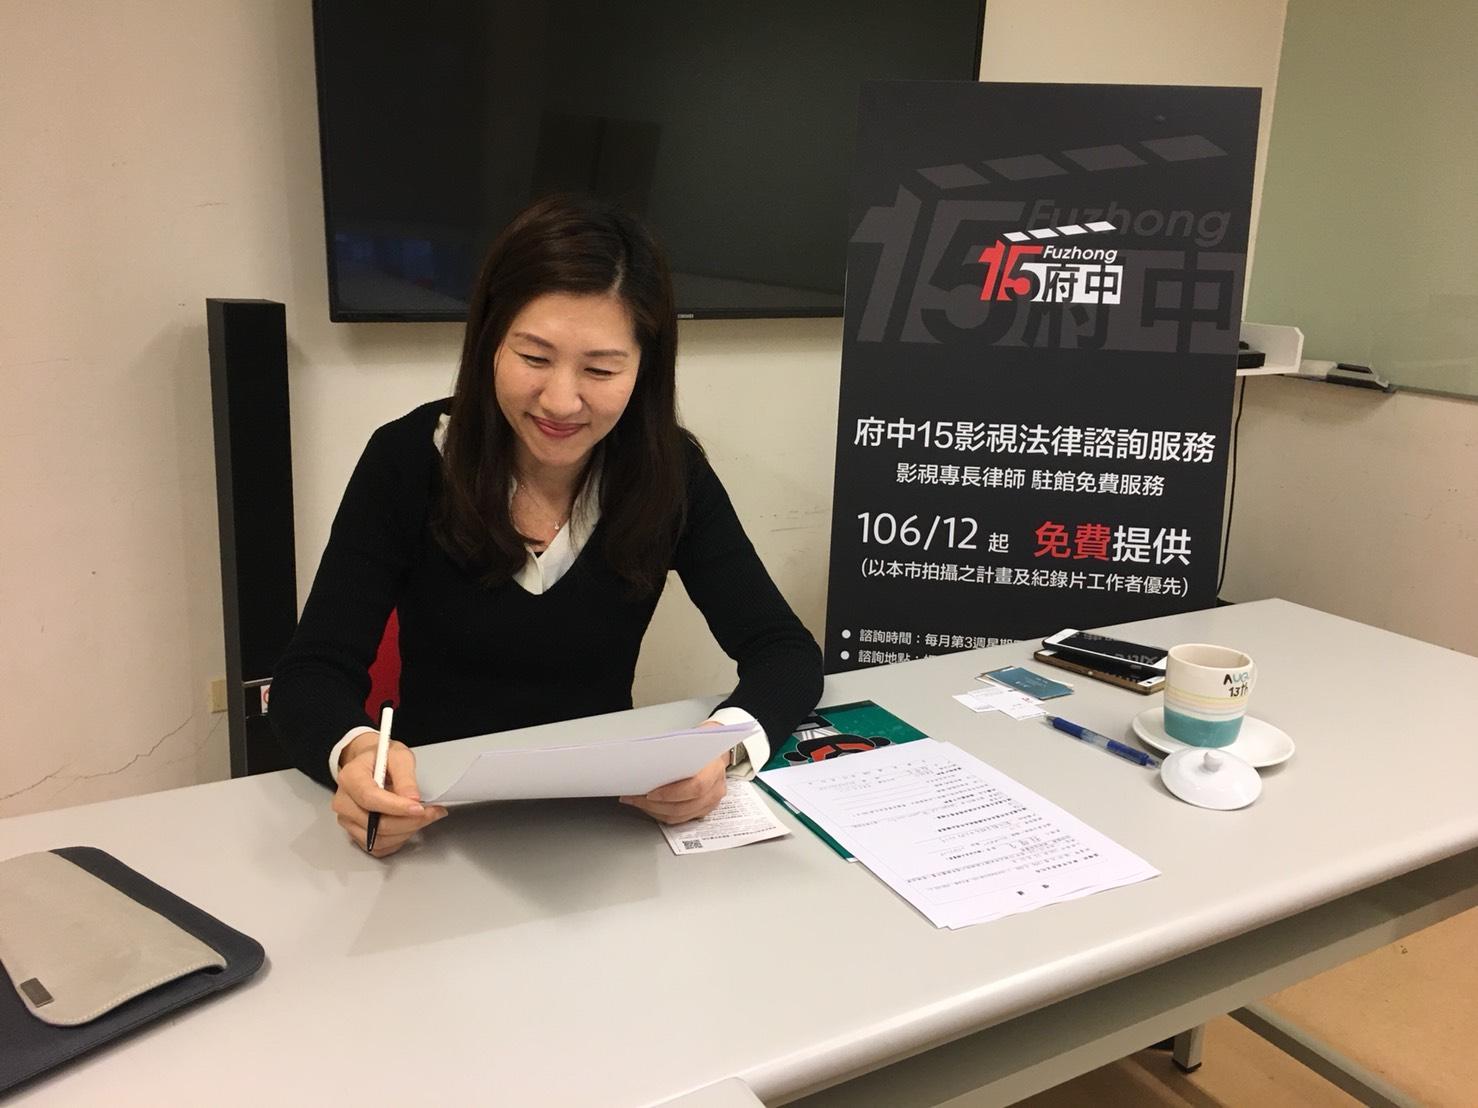 【府中15】府中15推影視新服務 專業律師提供免費影視法律諮詢